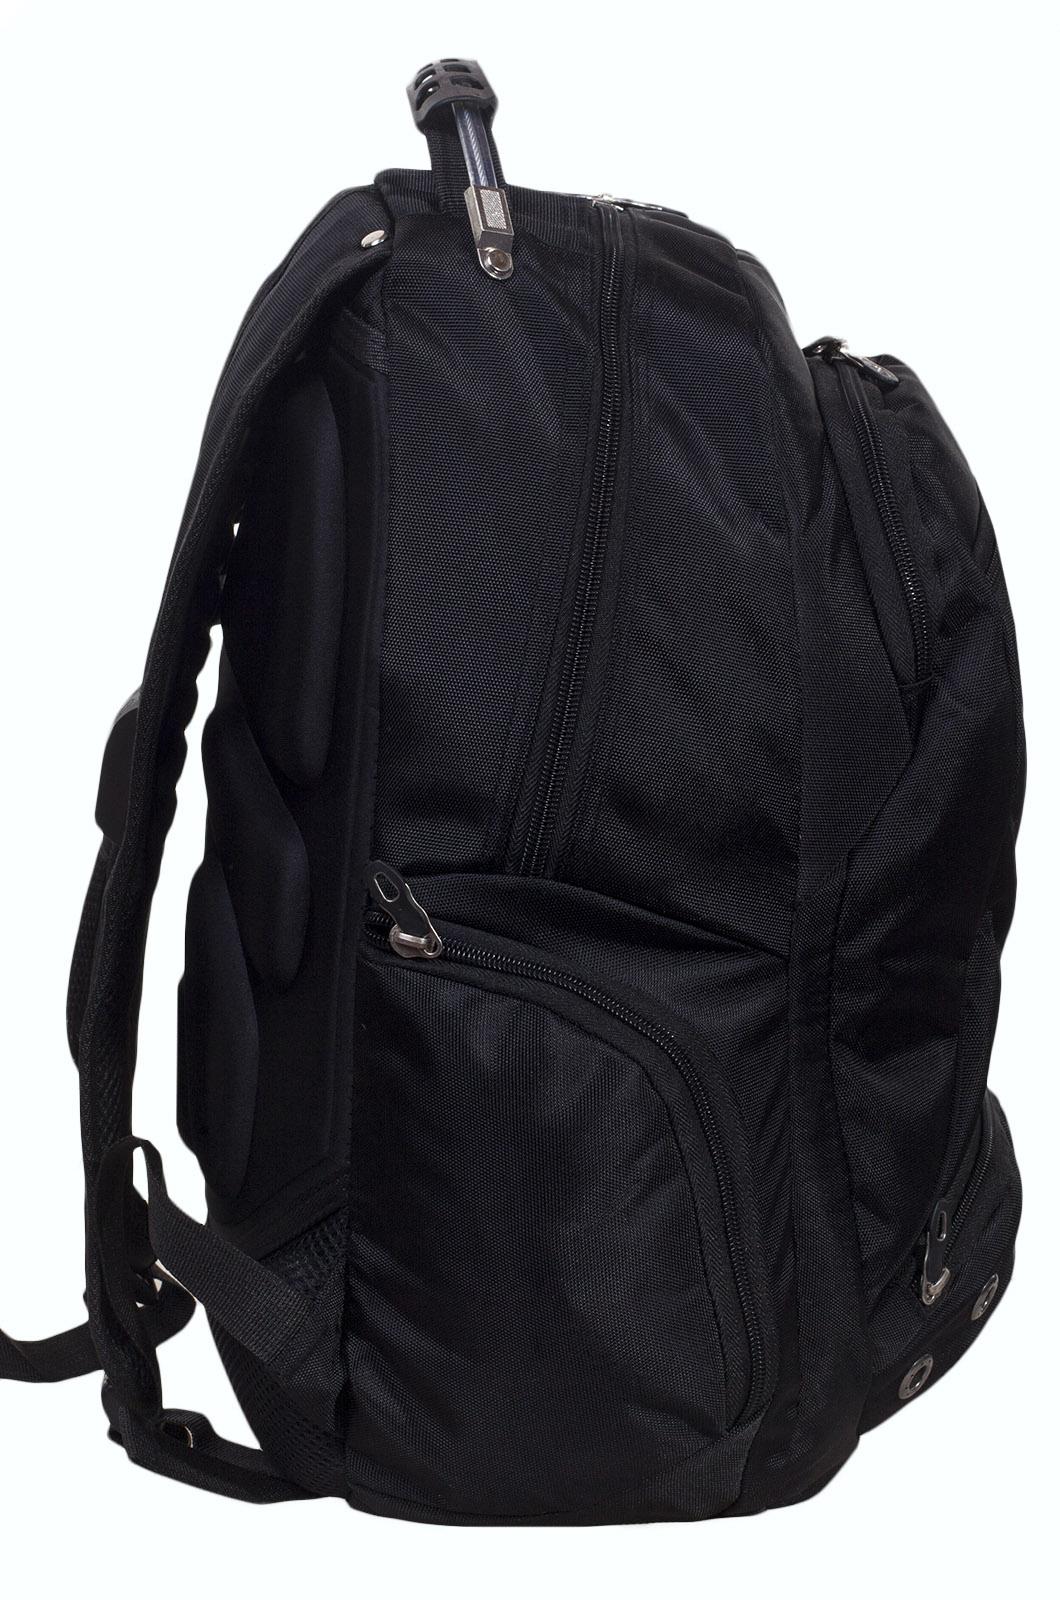 Заказать черный городской рюкзак с шевроном Спецназ